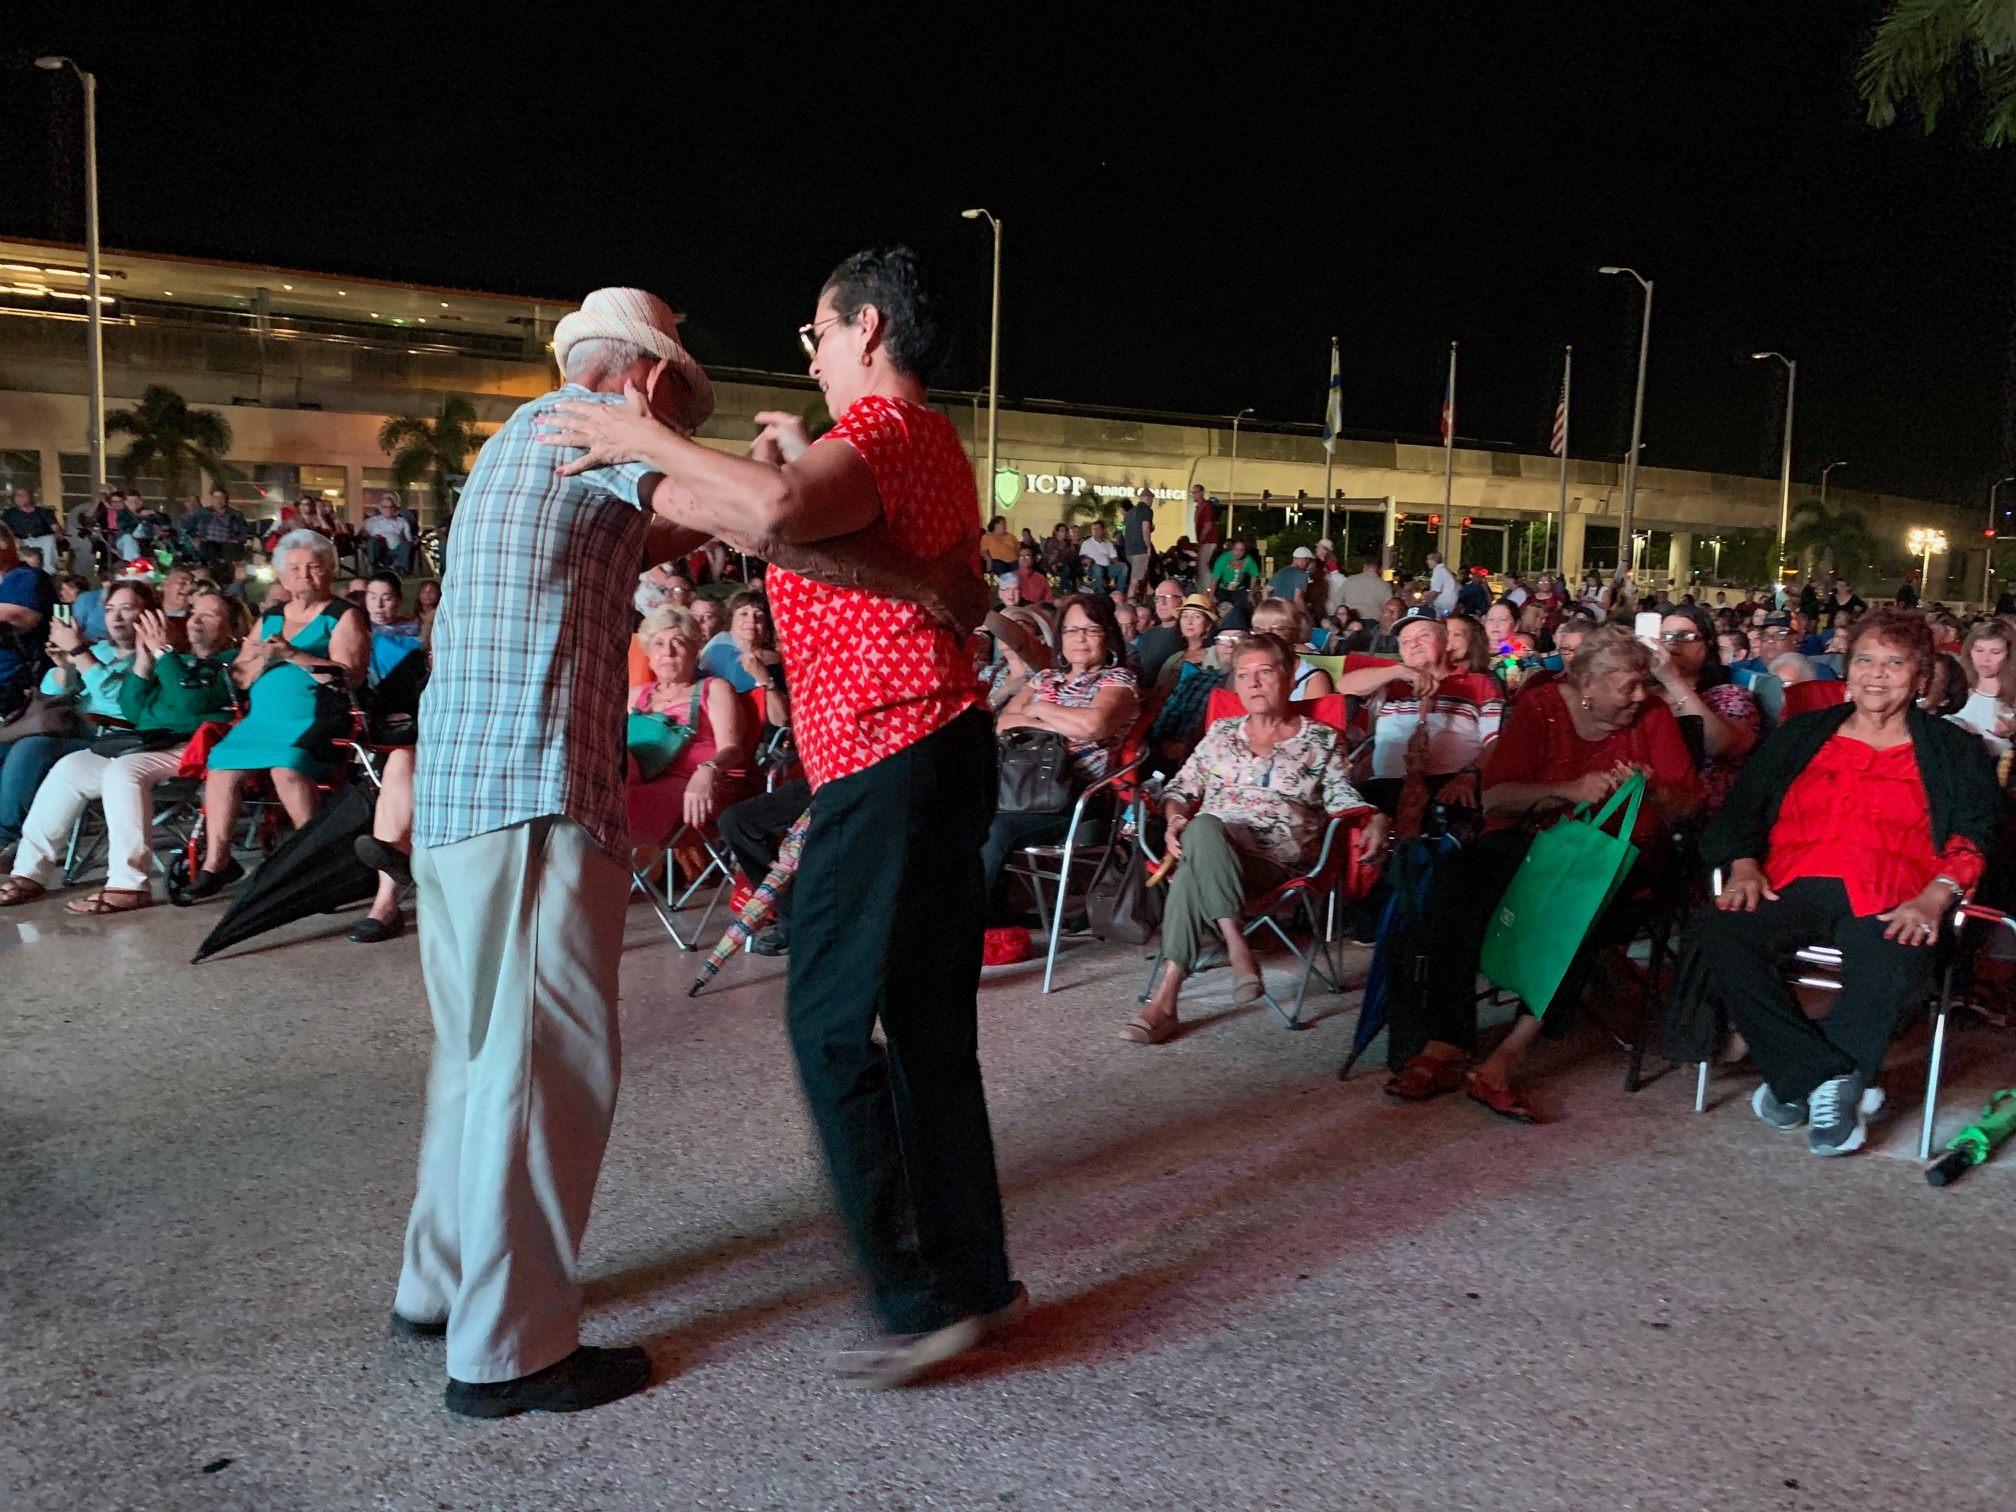 Visitantes de la actividad bailando